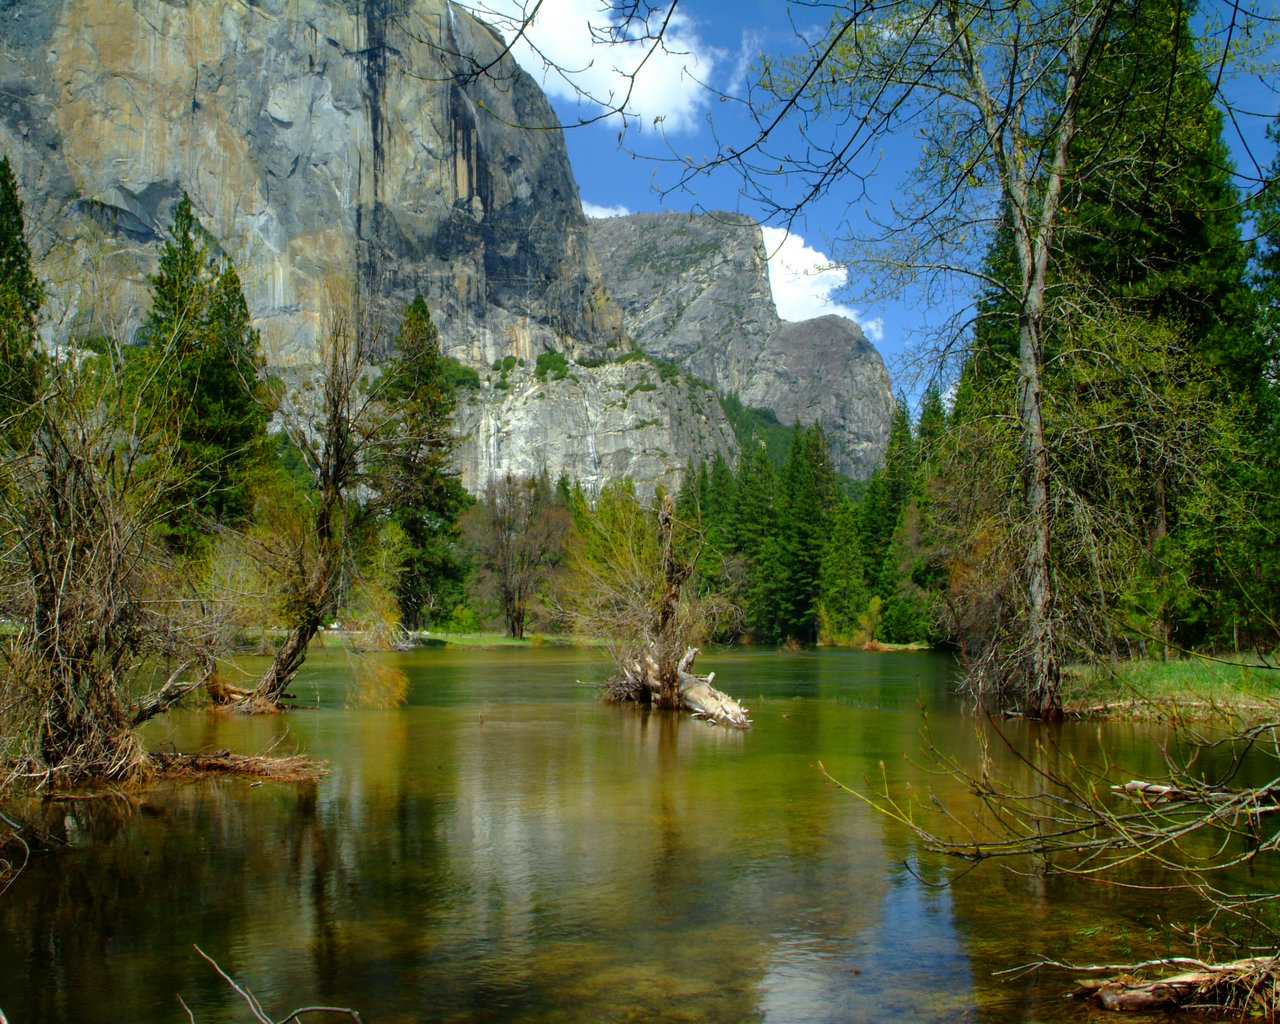 Edenpics natura immagini sfondi gratuite della natura for Immagini per desktop natura